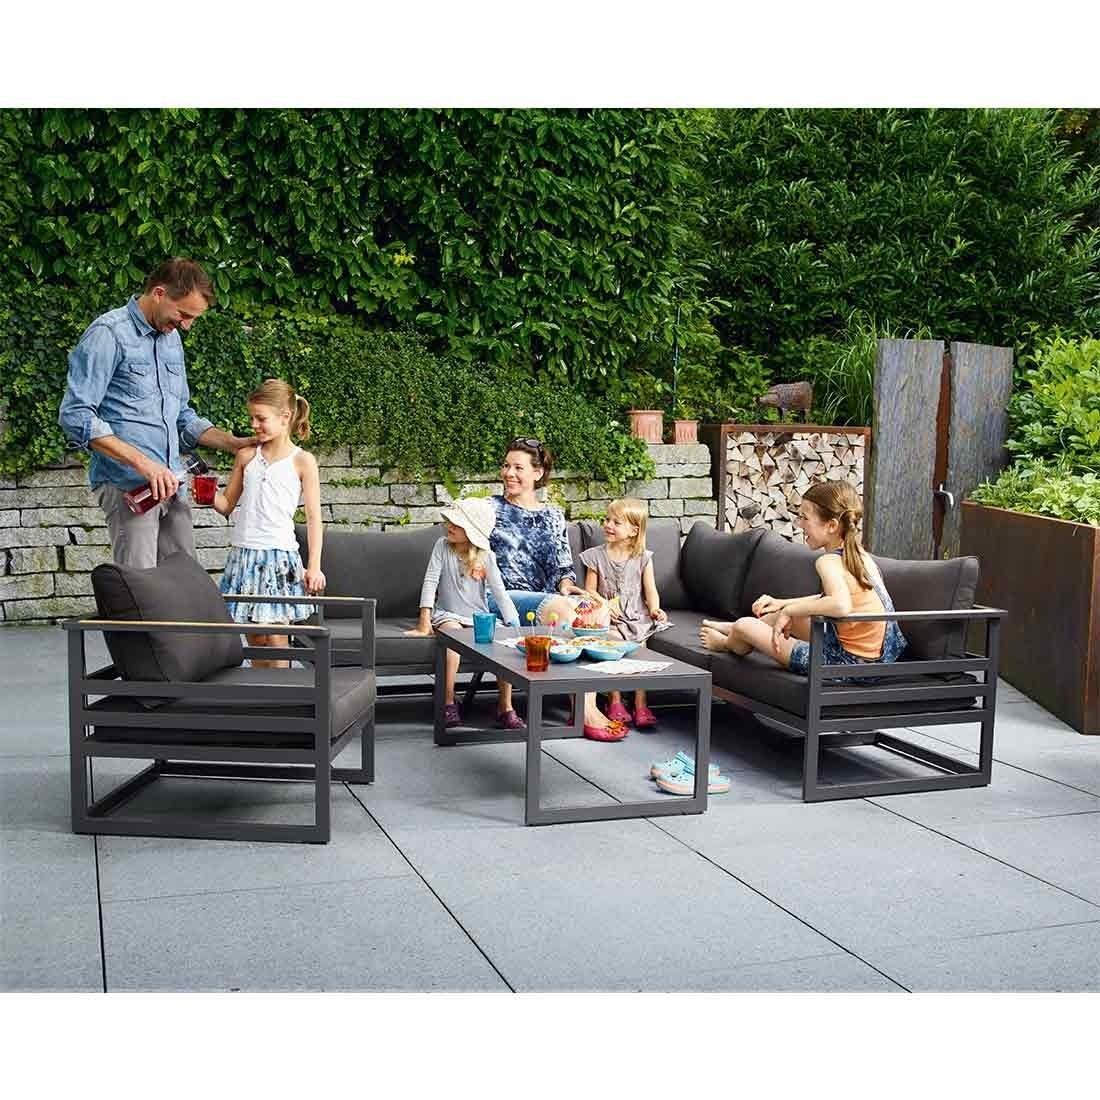 Full Size of Sieger Sydney Loungeecke 3 Teilig Aluminium Sunproof Garten Und Loungemöbel Holz Verbundplatte Küche Fenster Günstig Wohnzimmer Loungemöbel Aluminium